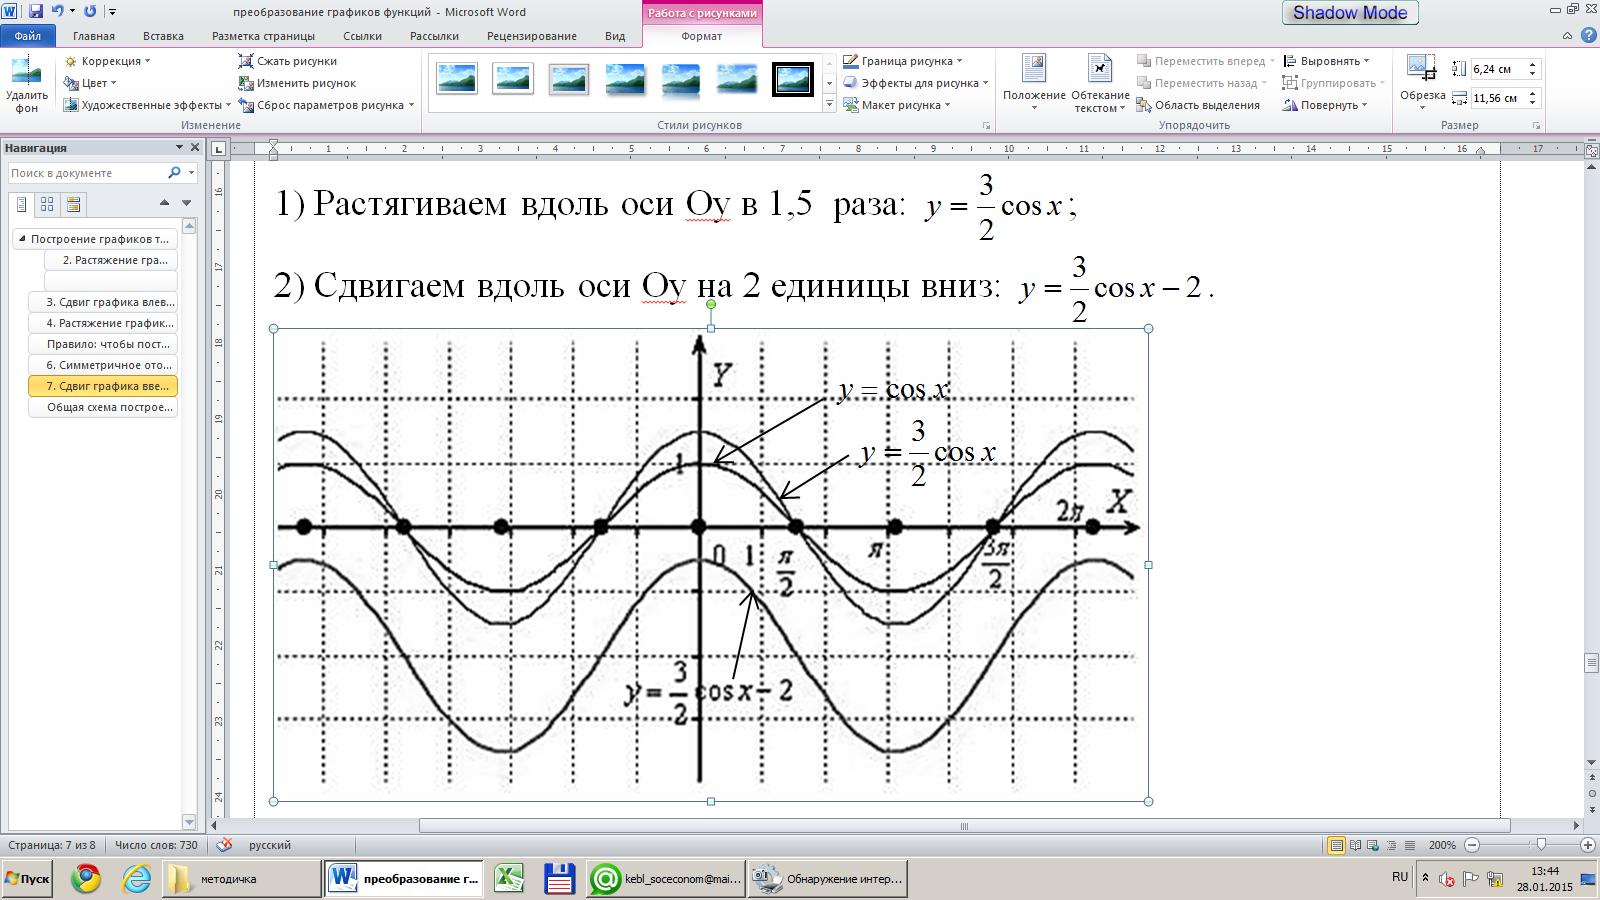 Дана функция у=ах0b2+bх+с